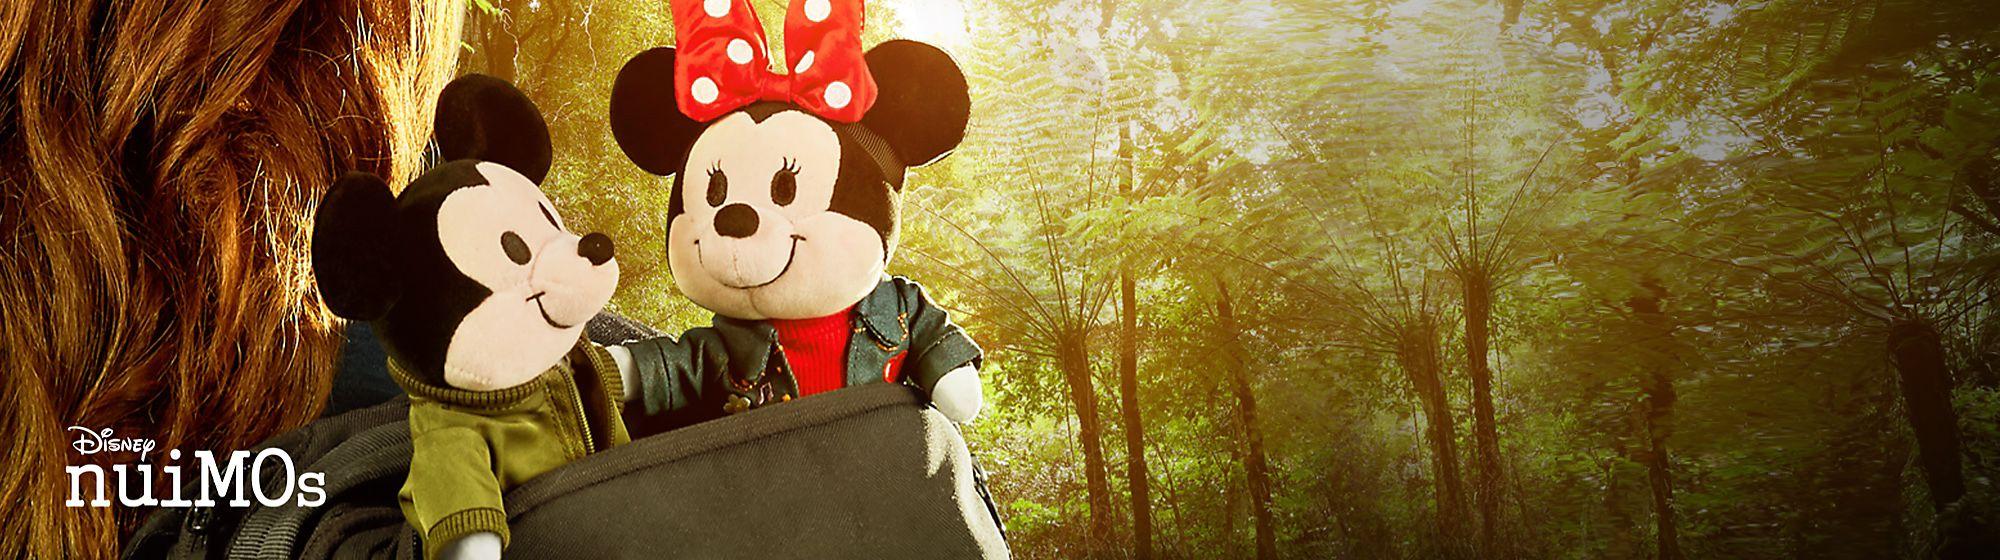 Disney nuiMOs Votre nouveau compagnon vous accompagne partout où vous allez, grâce à son adorable format de poche